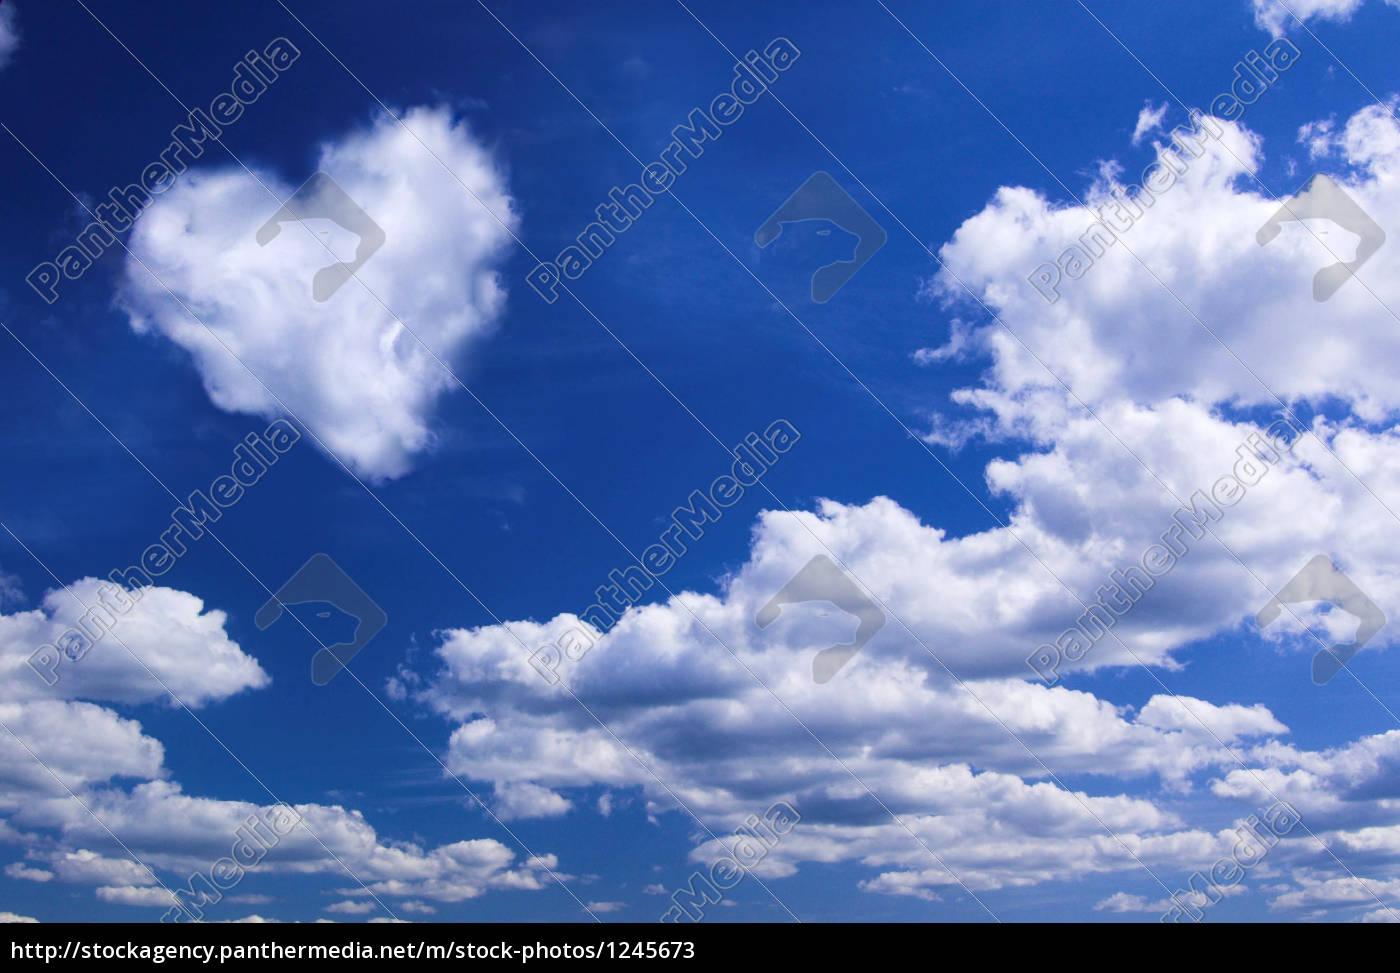 Lizenzfreies Bild 1245673 - Herz aus Wolken II